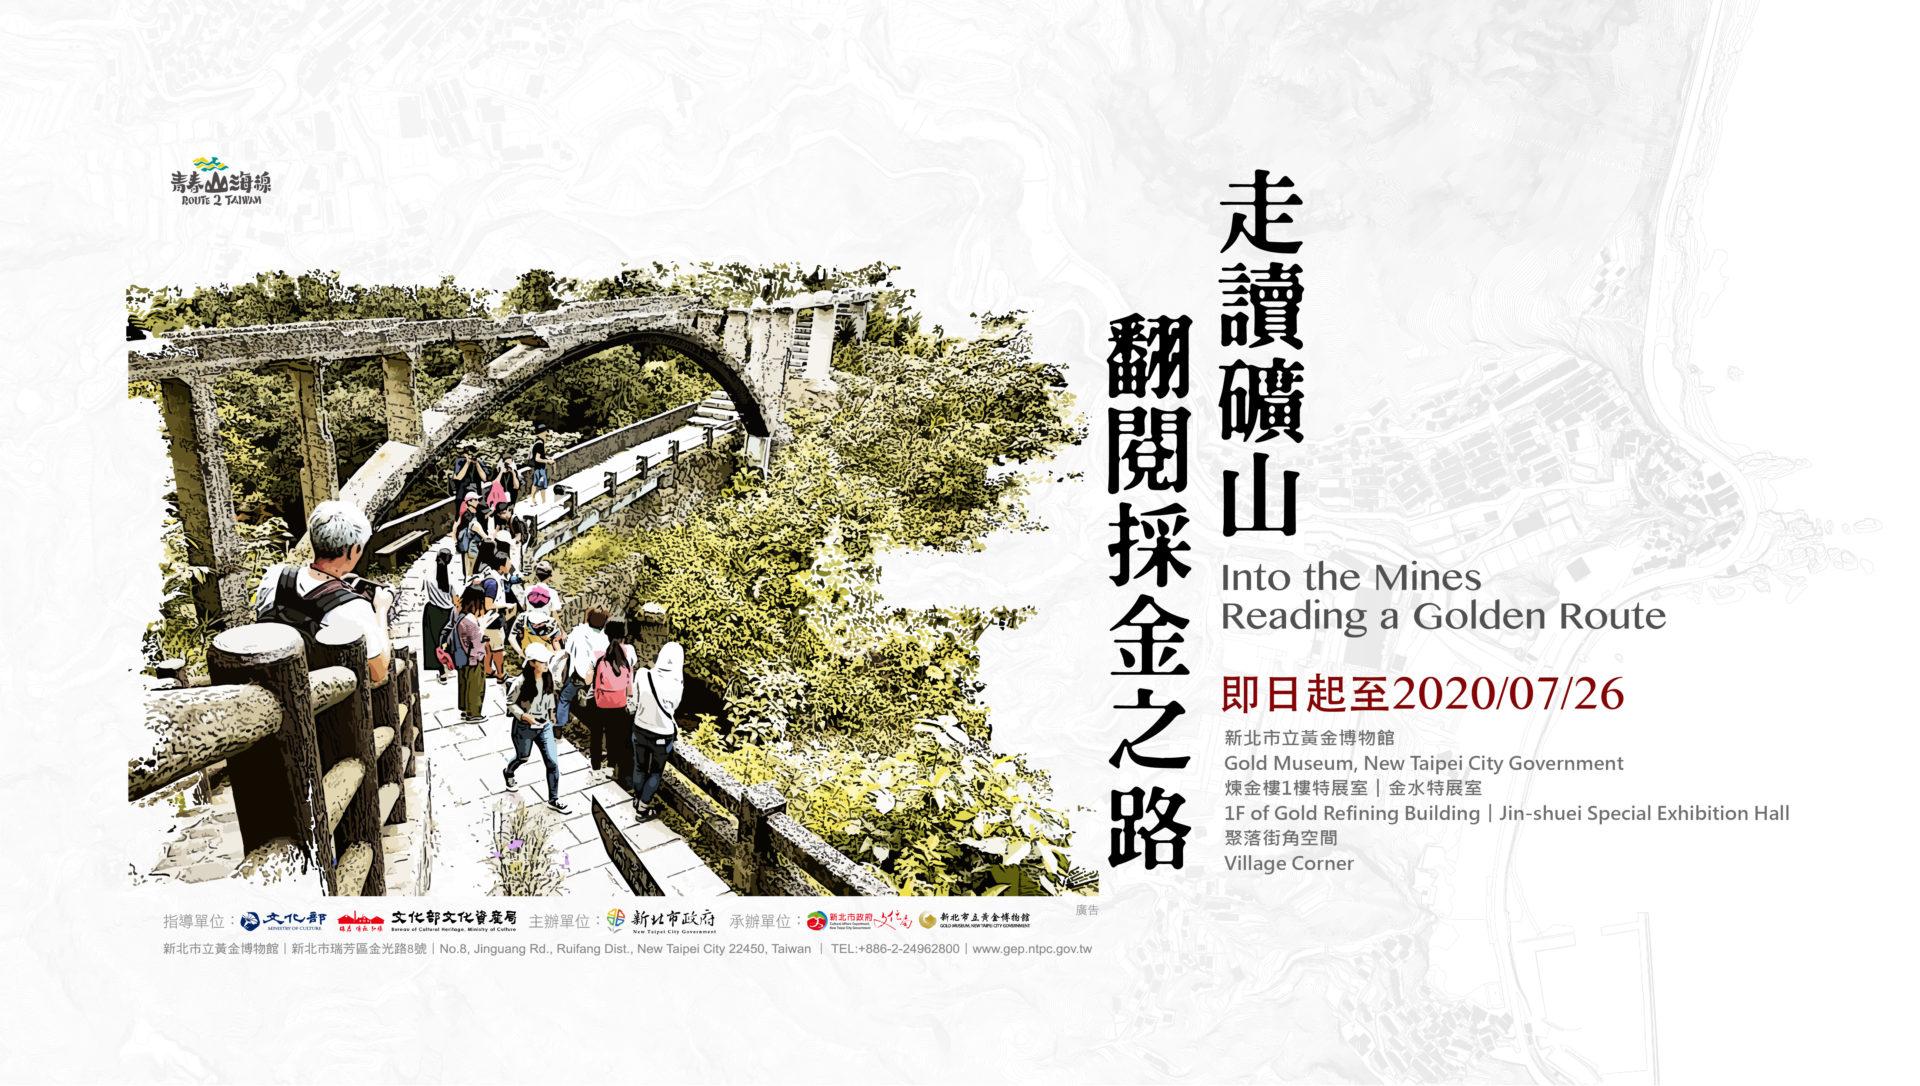 新北市立黃金博物館:即日起至2020/07/26【走讀礦山-翻閱採金之路】